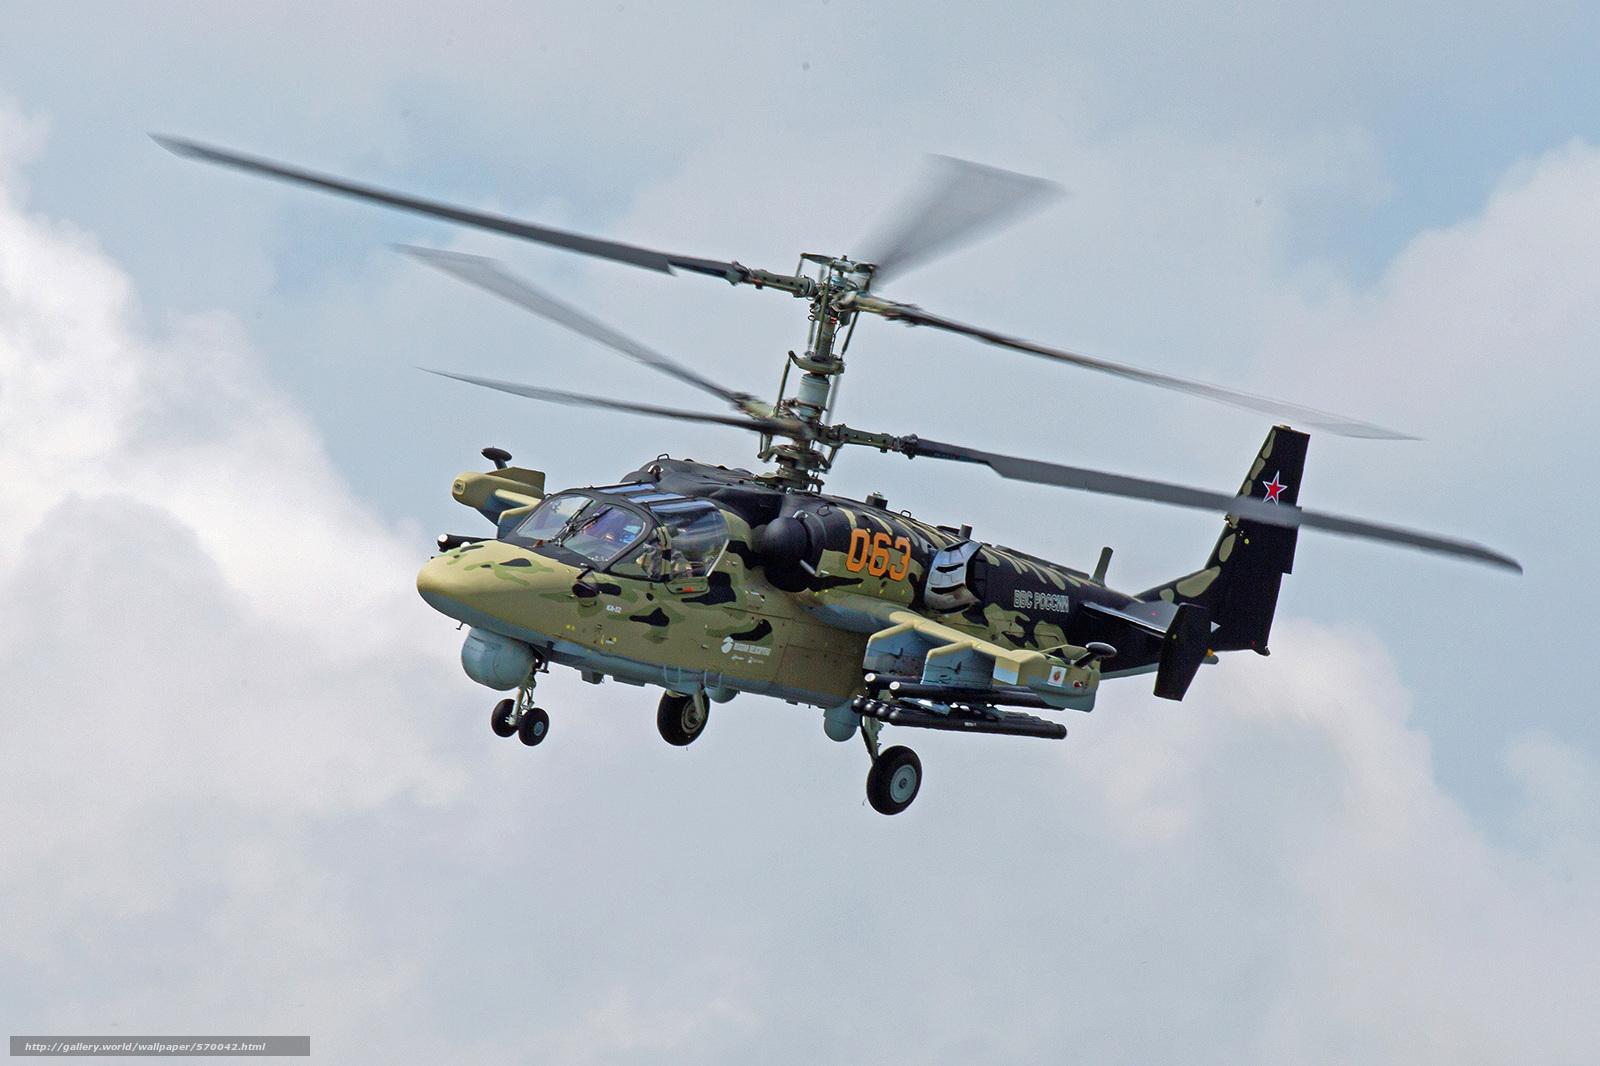 Elicottero Russo : Scaricare gli sfondi urto russo quot alligator elicottero